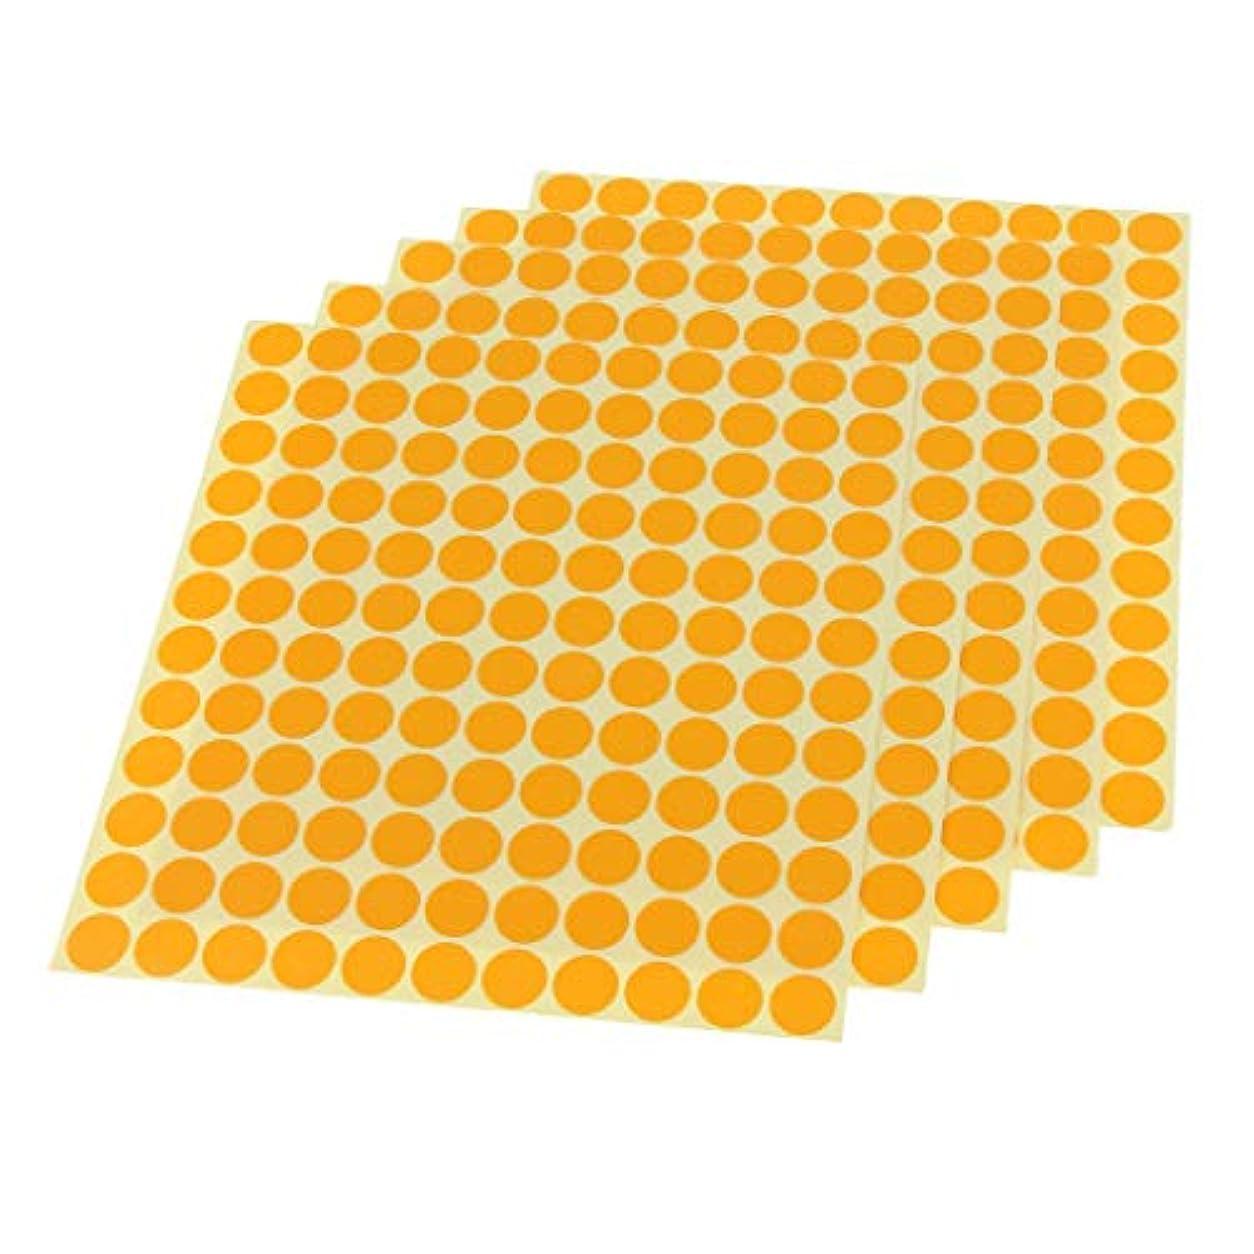 構造悲観的チャーミングsharprepublic 5個入り ラベルシート エッセンシャルオイル ボトル 貼り付け ステッカー 自己接着ラベル 防水耐油 - オレンジ